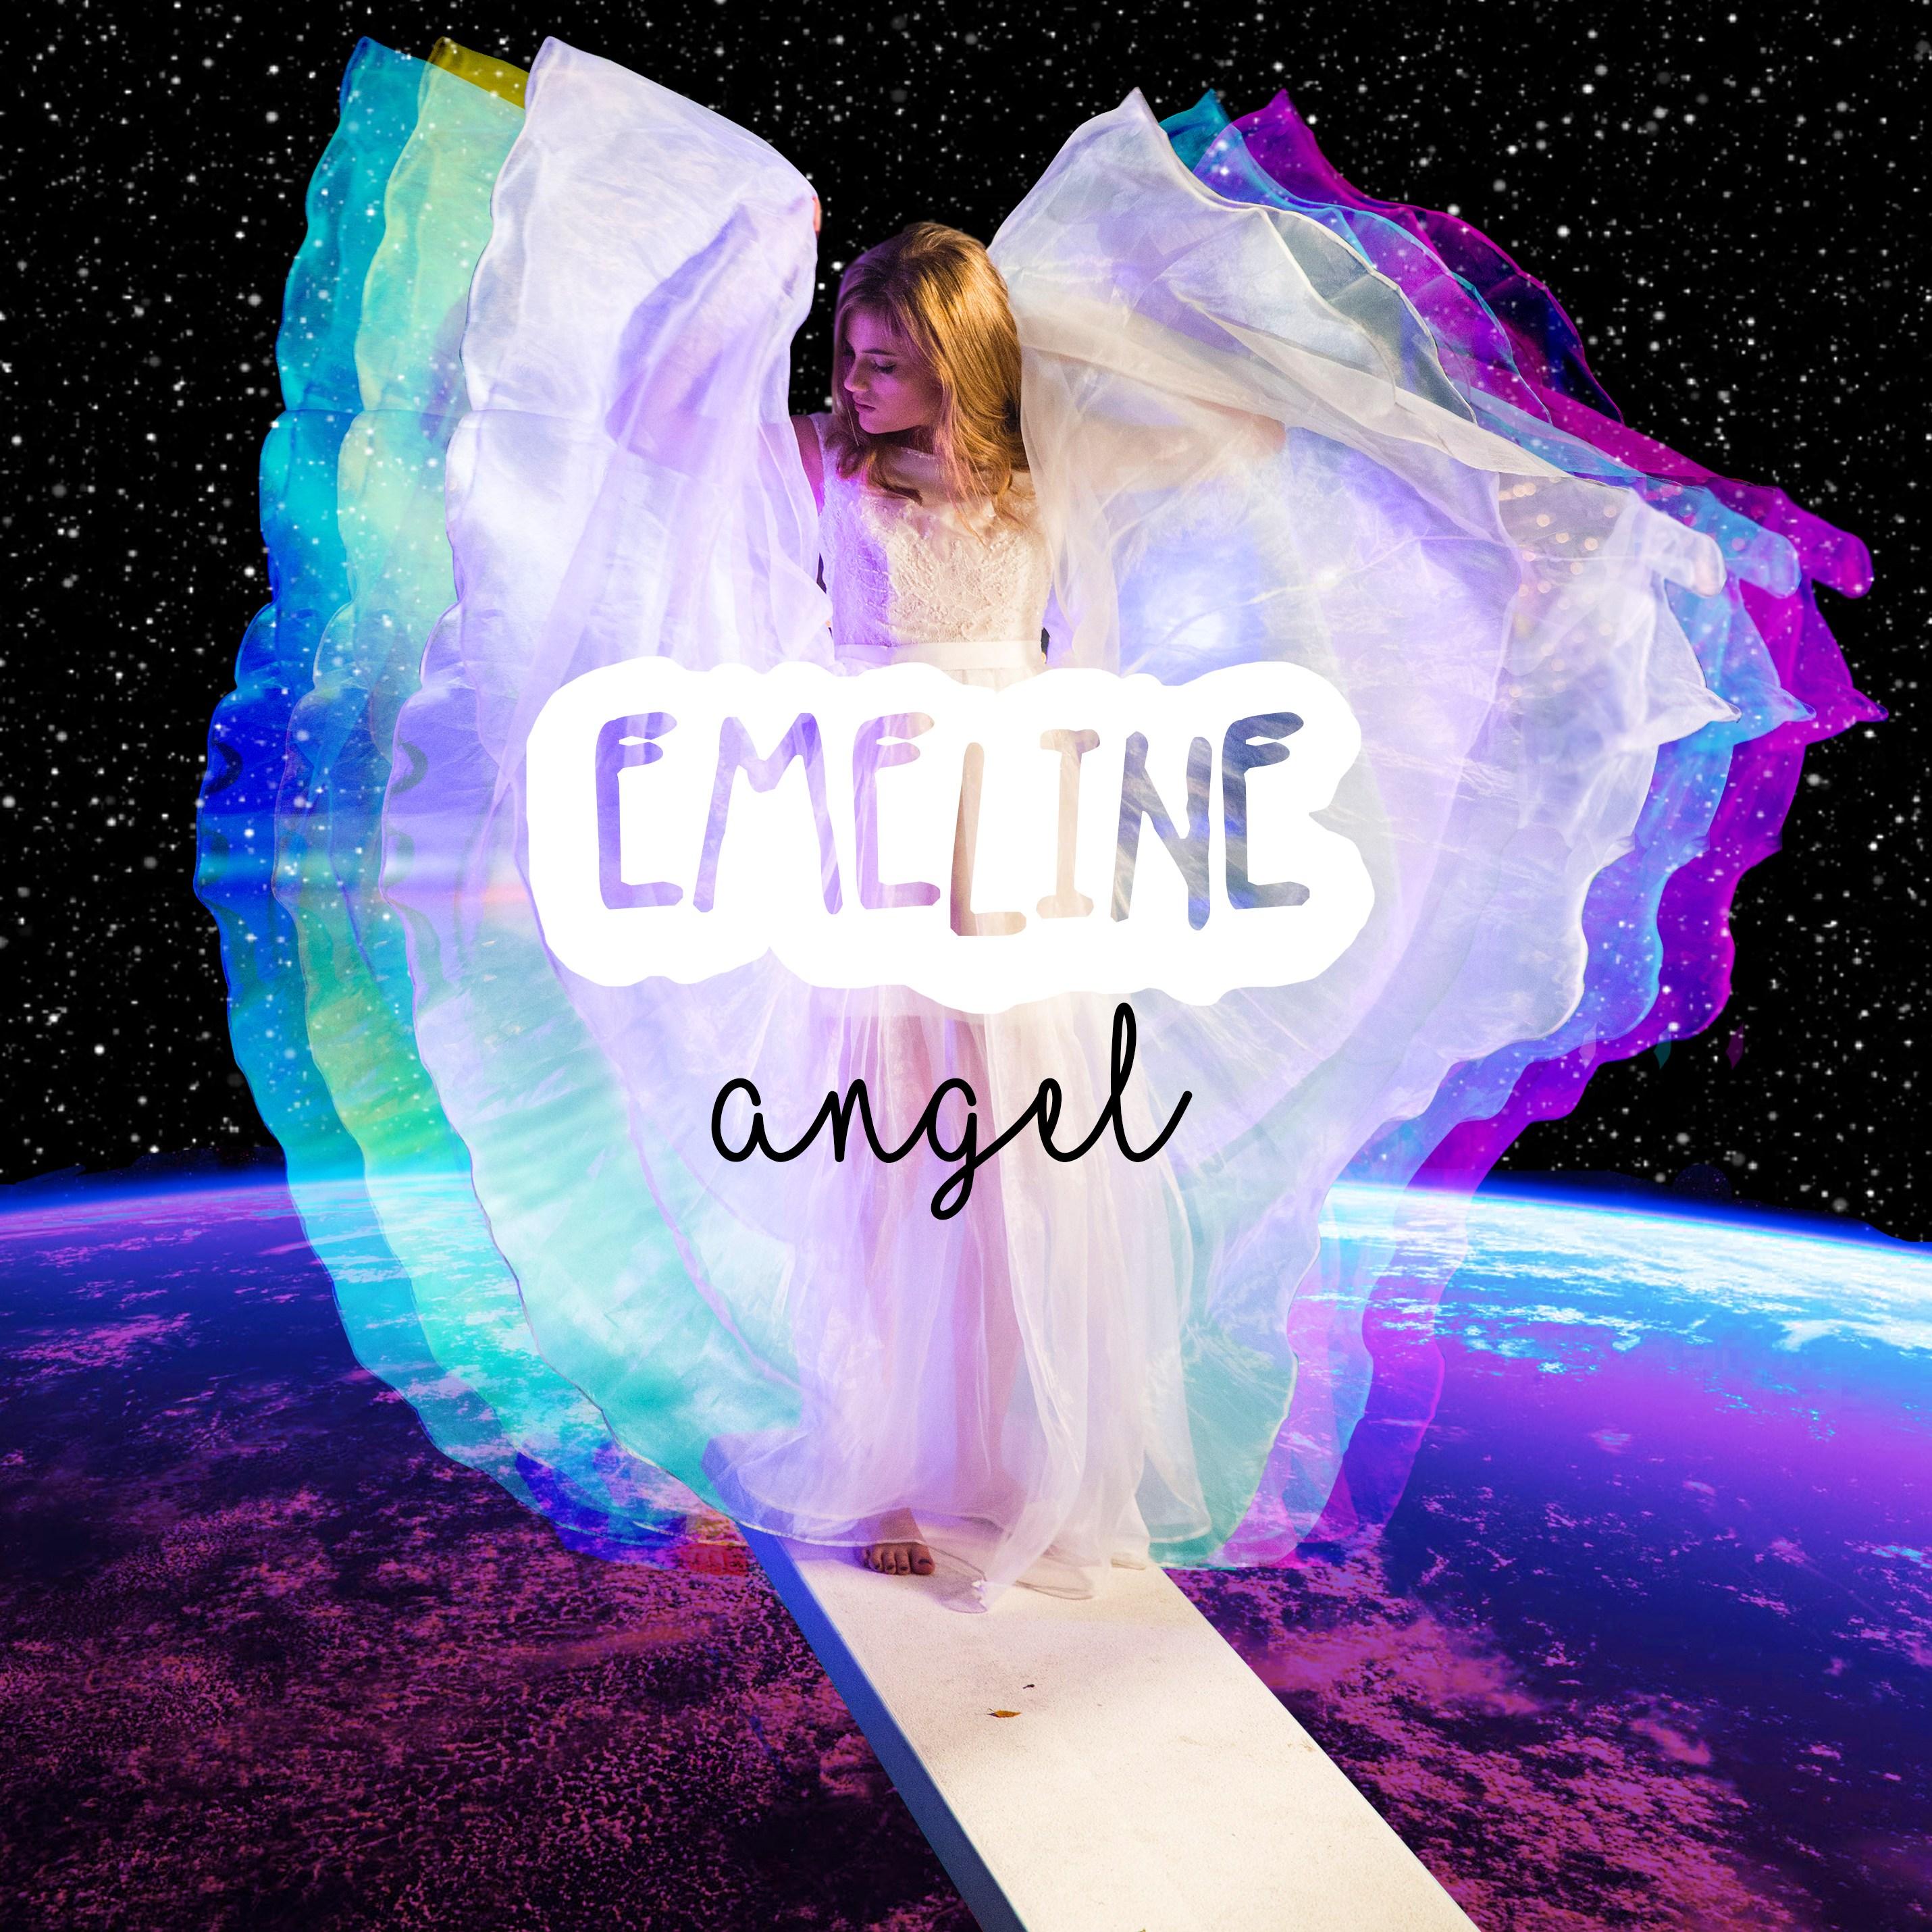 Emeline-artwork-New